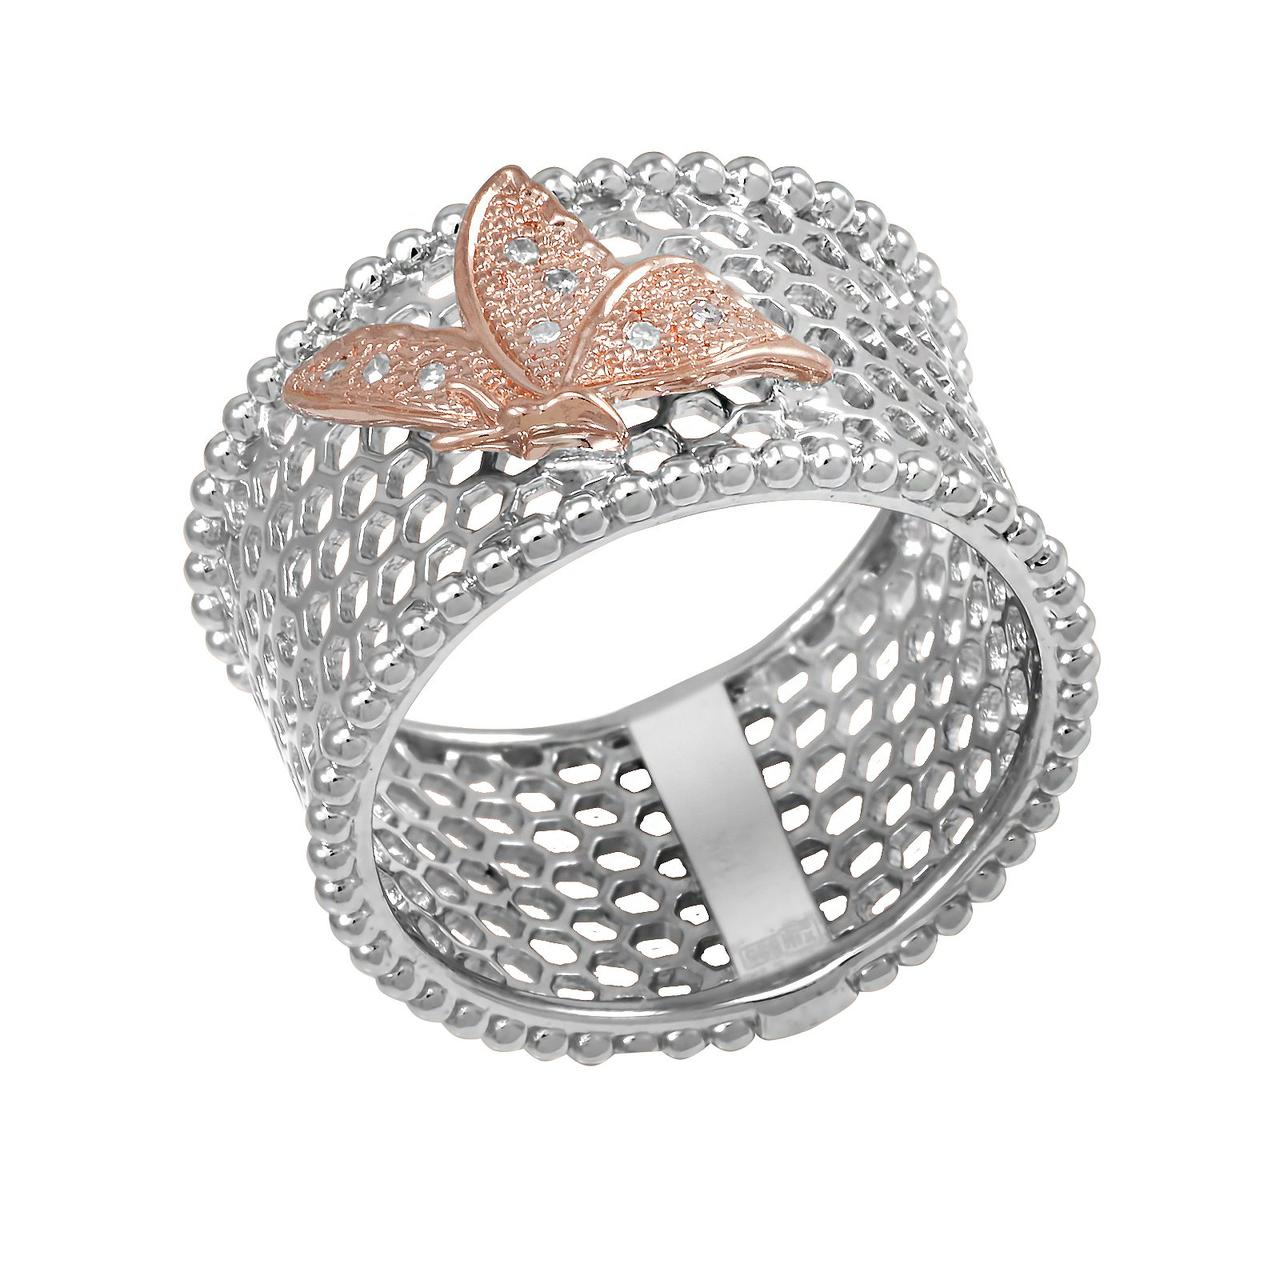 Золотое кольцо с бриллиантами, размер 16 (577440)